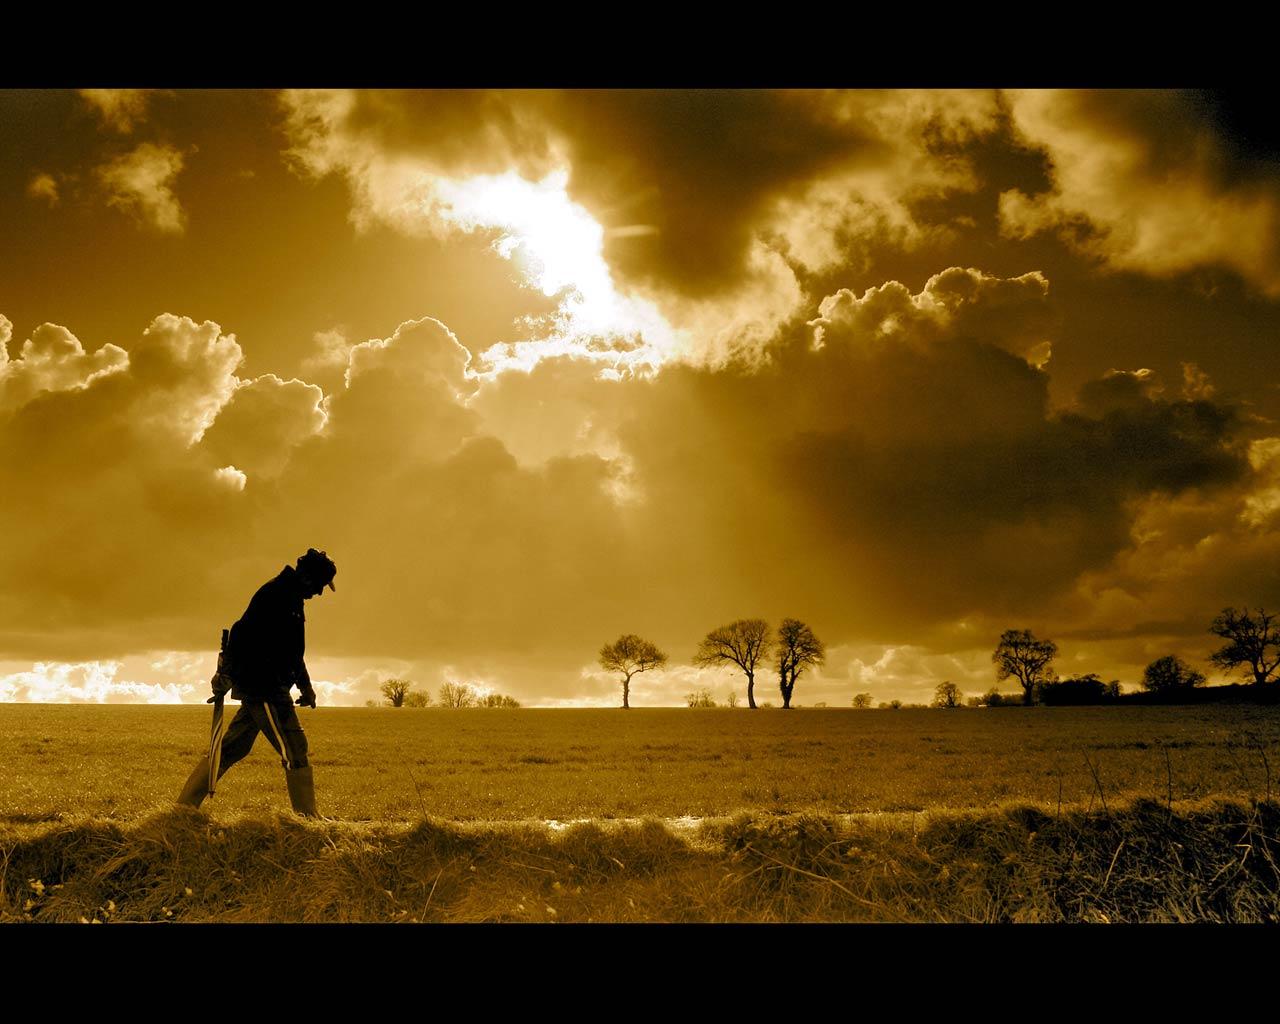 небо, закат, фото, обои для рабочего стола, скачать